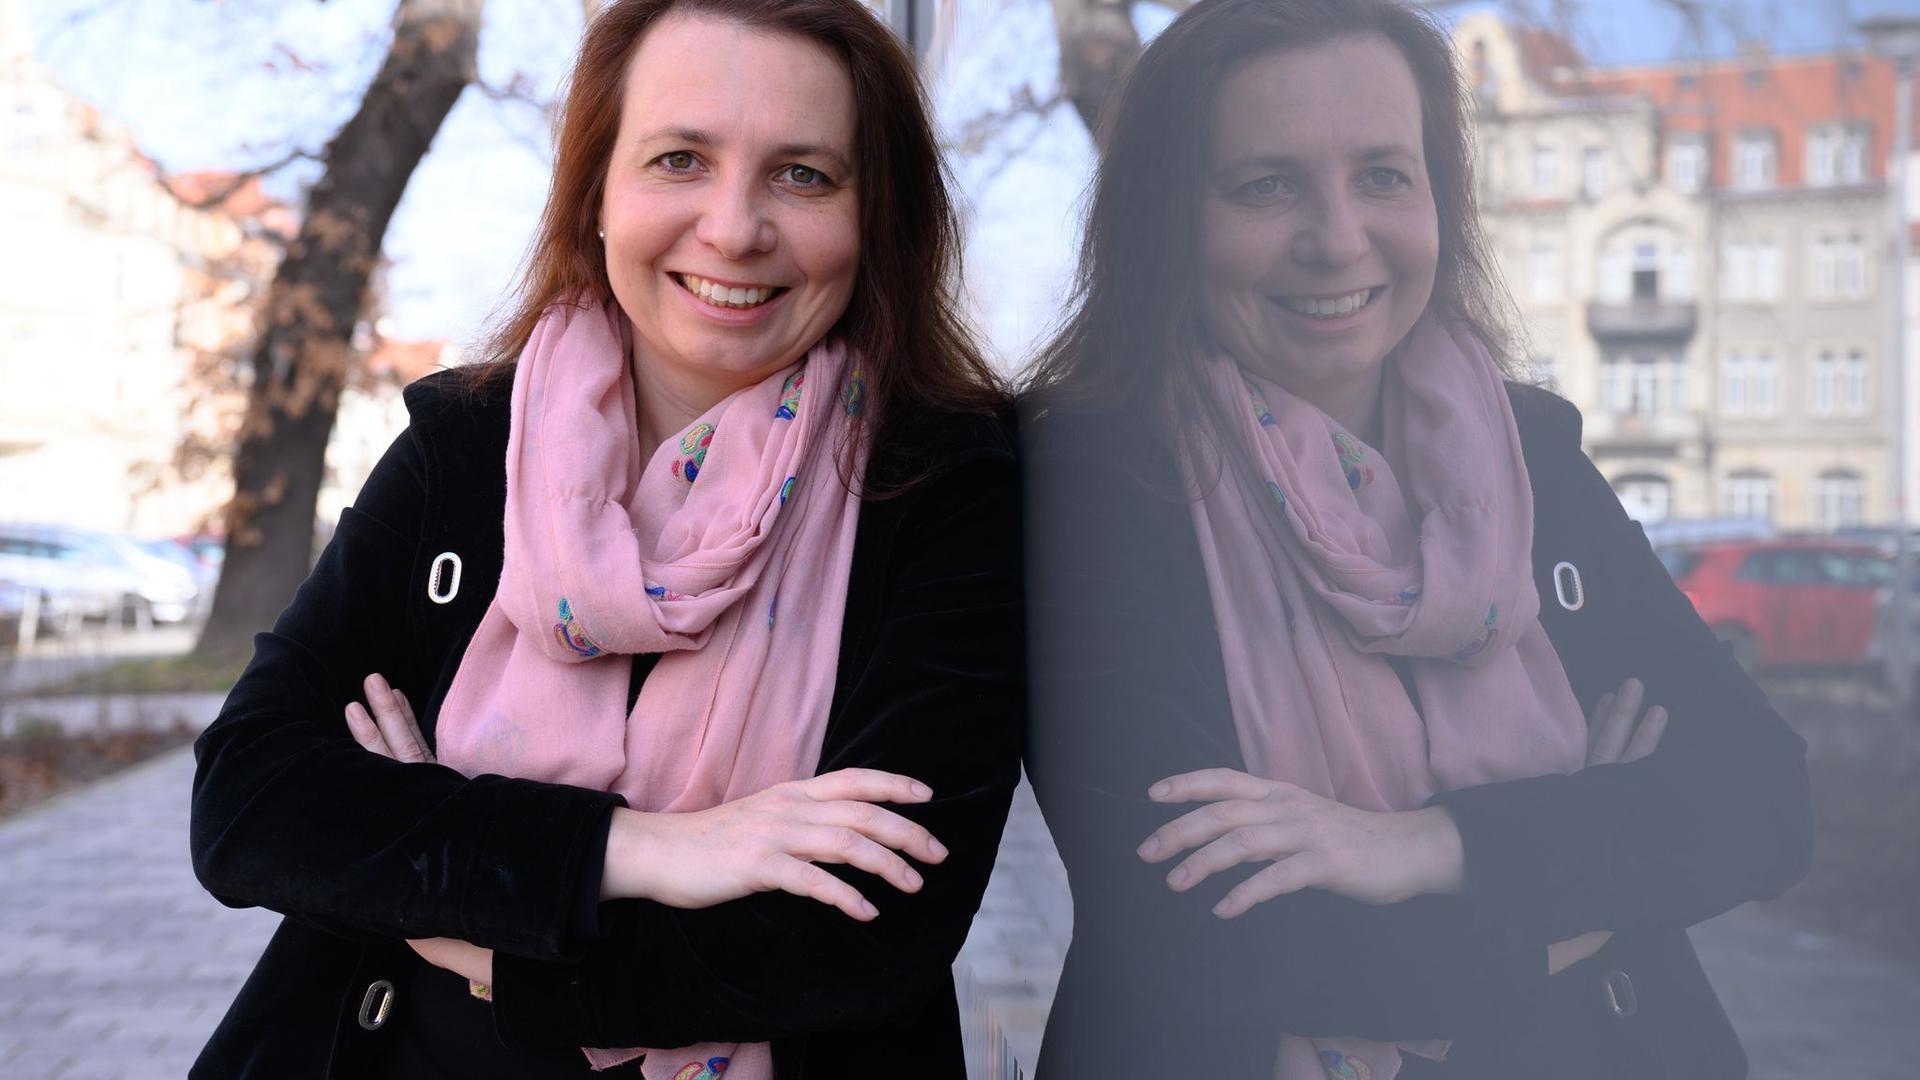 Angela Francke, Verkehrswissenschaftlerin, lehnt an einer Fensterscheibe.